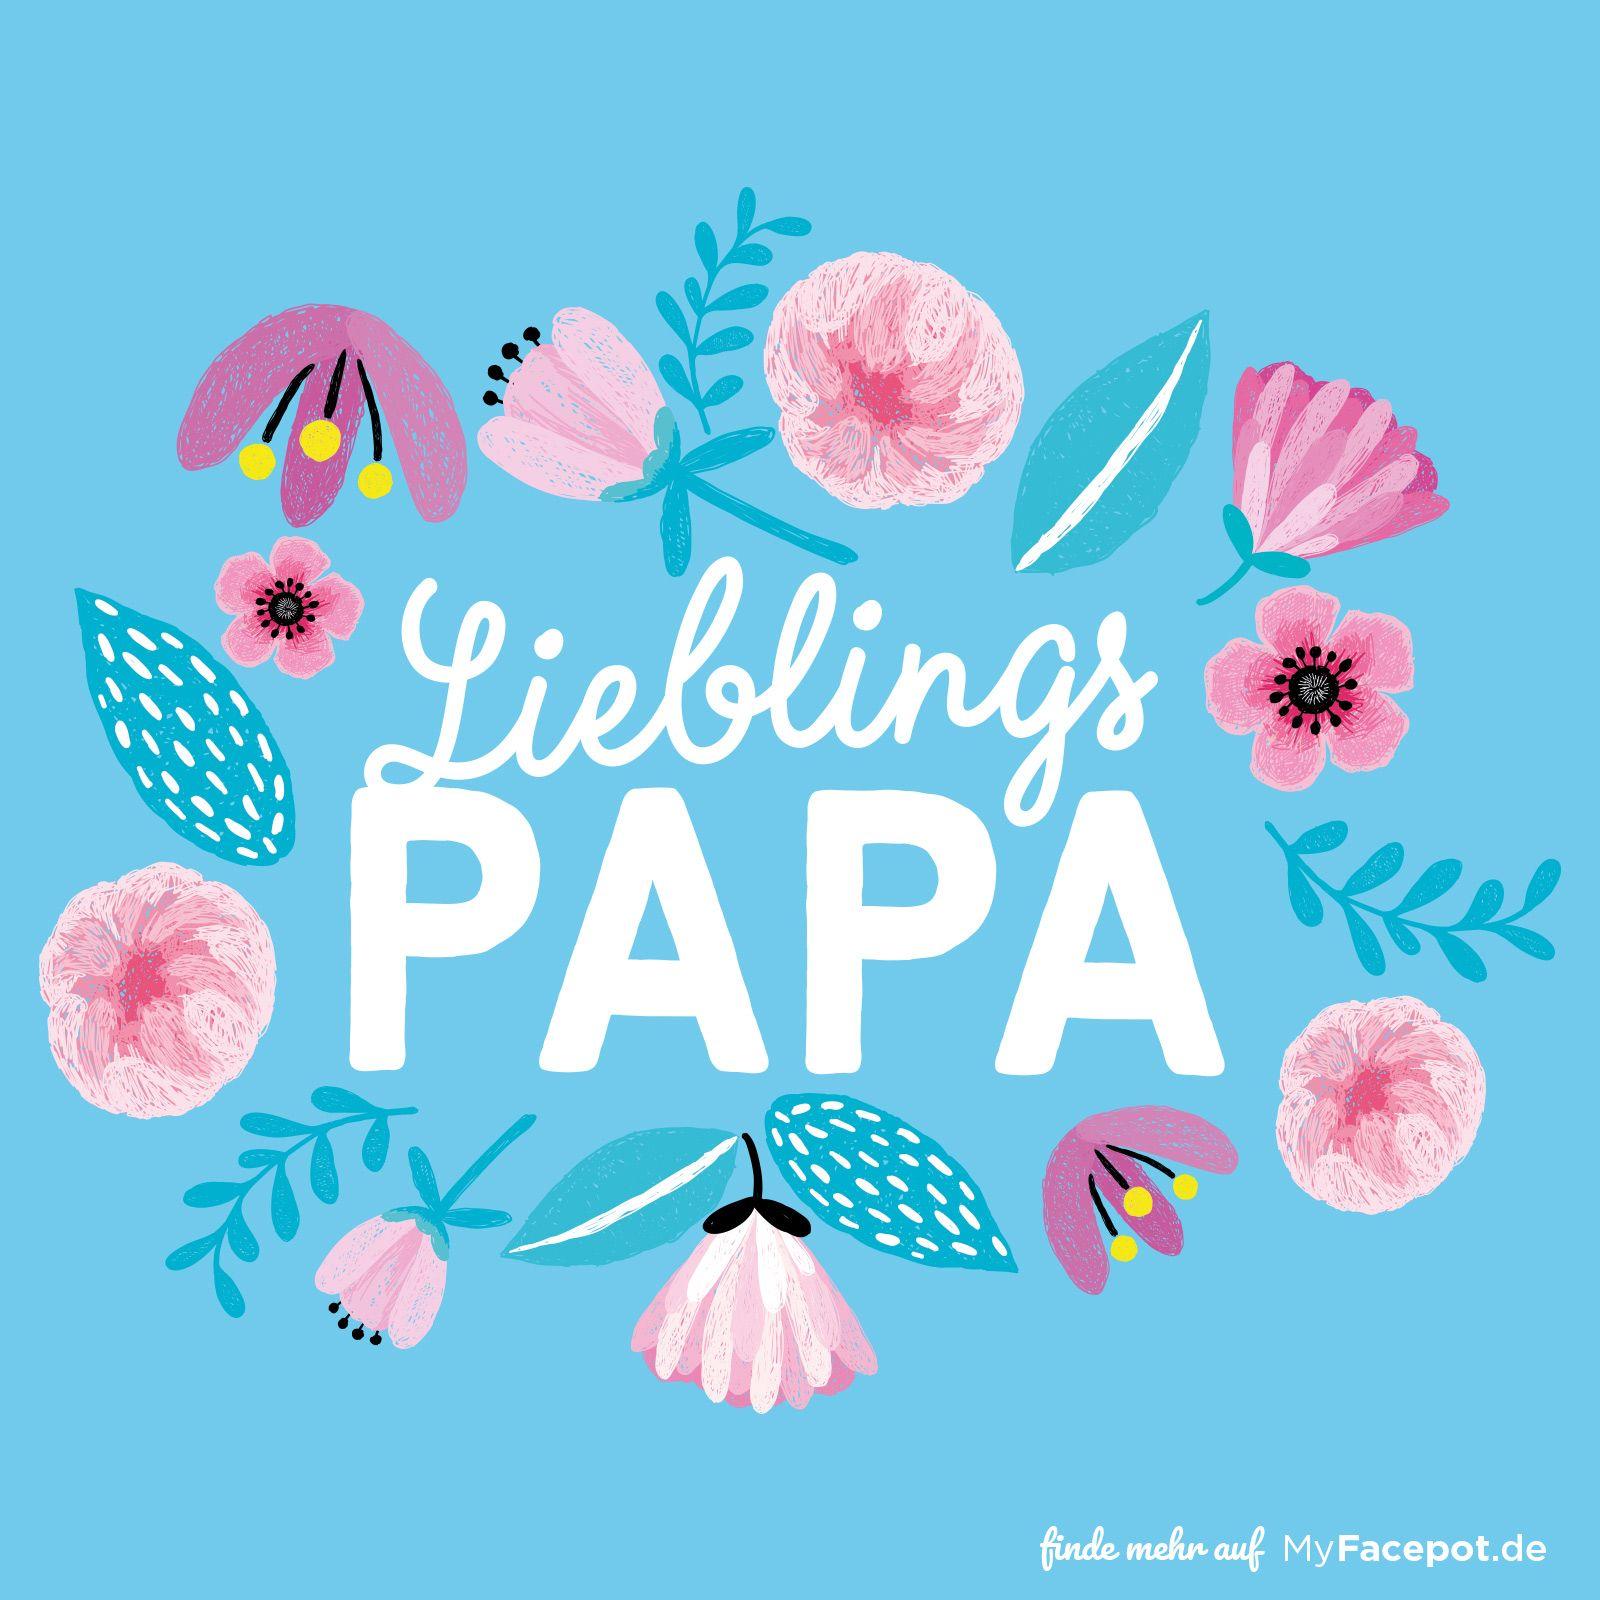 Geschenke für Vater einfach machen: ob ein besonderes ...